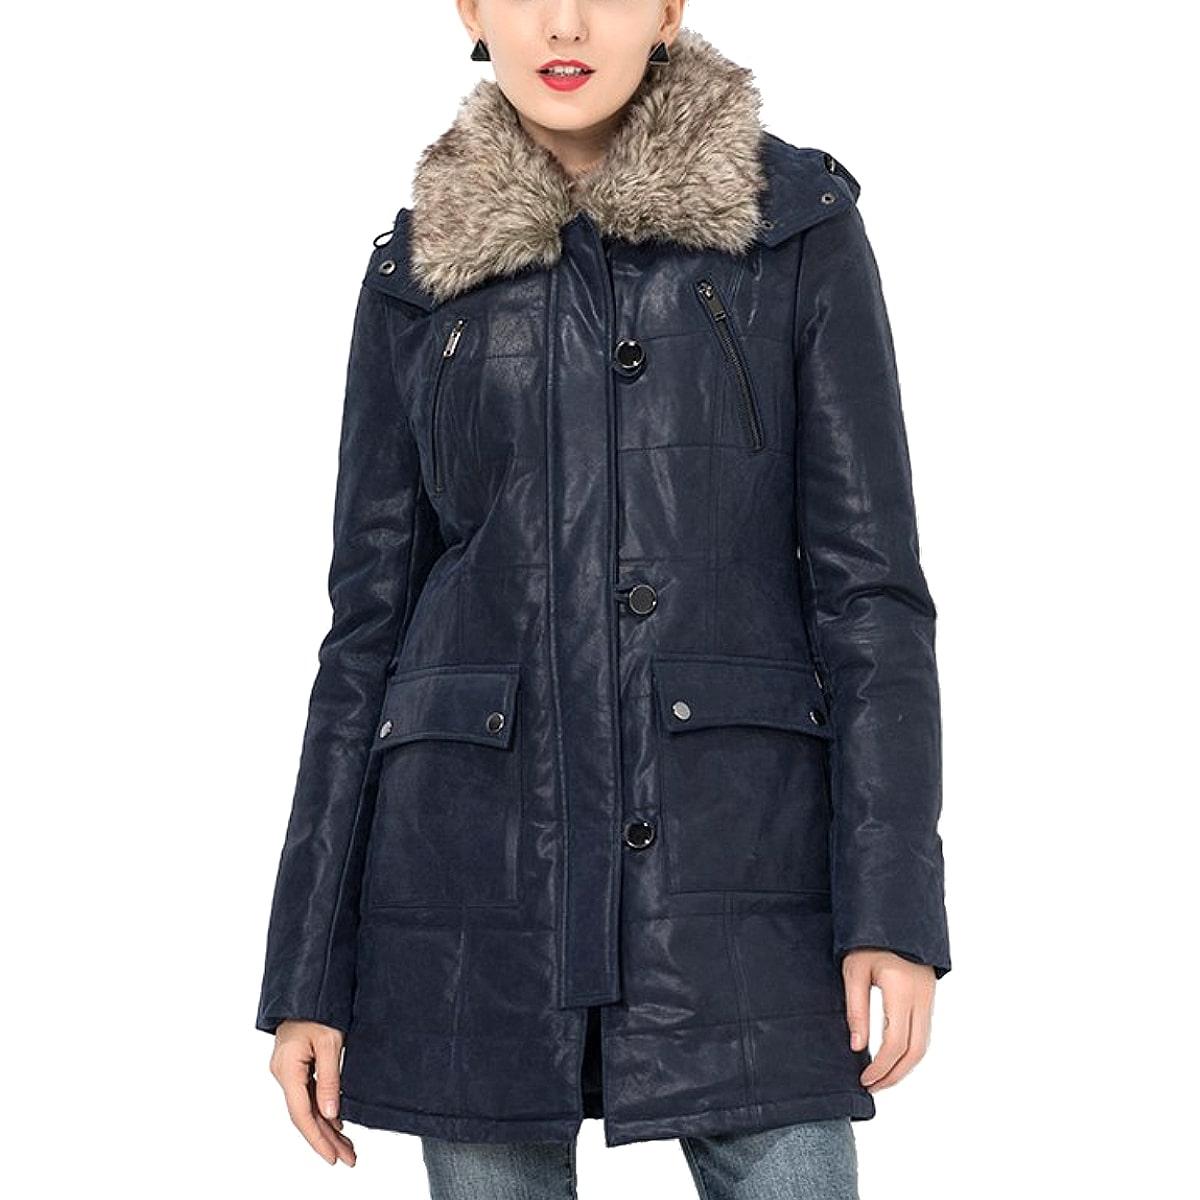 【送料無料!】全7サイズ! [Women's Detachable Fur Collar Pigskin Genuine Leather Long Jacket] ウィメンズ デタッチャブル ファー カラー ピッグスキン レザー ロングジャケット! レディース 女性用 本革 豚革 トレンチコート ロング丈 ダークブルー バイクに!